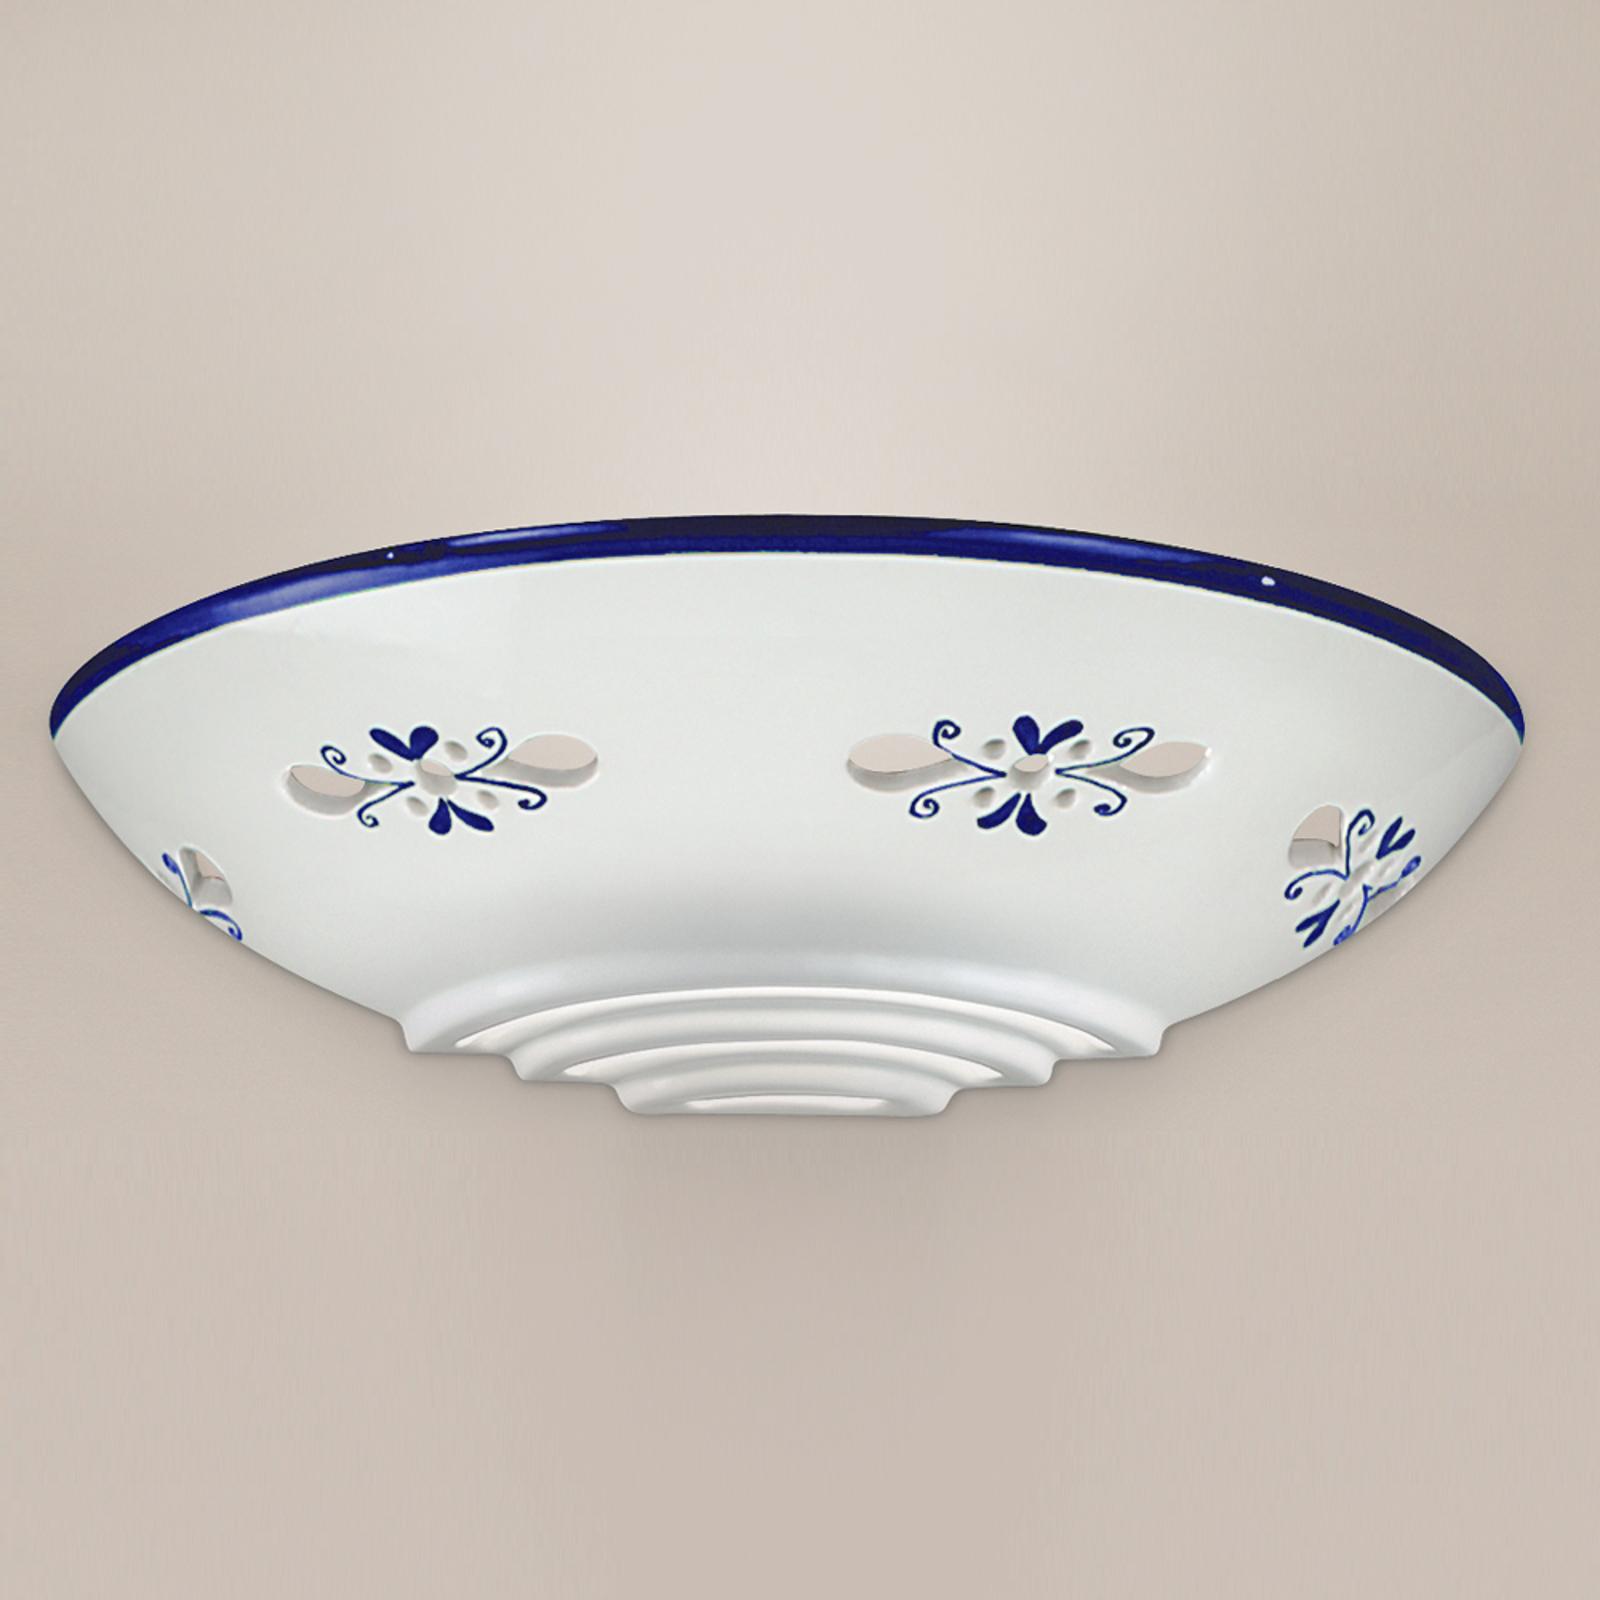 Applique d'extérieur Bassano céramique, bleu